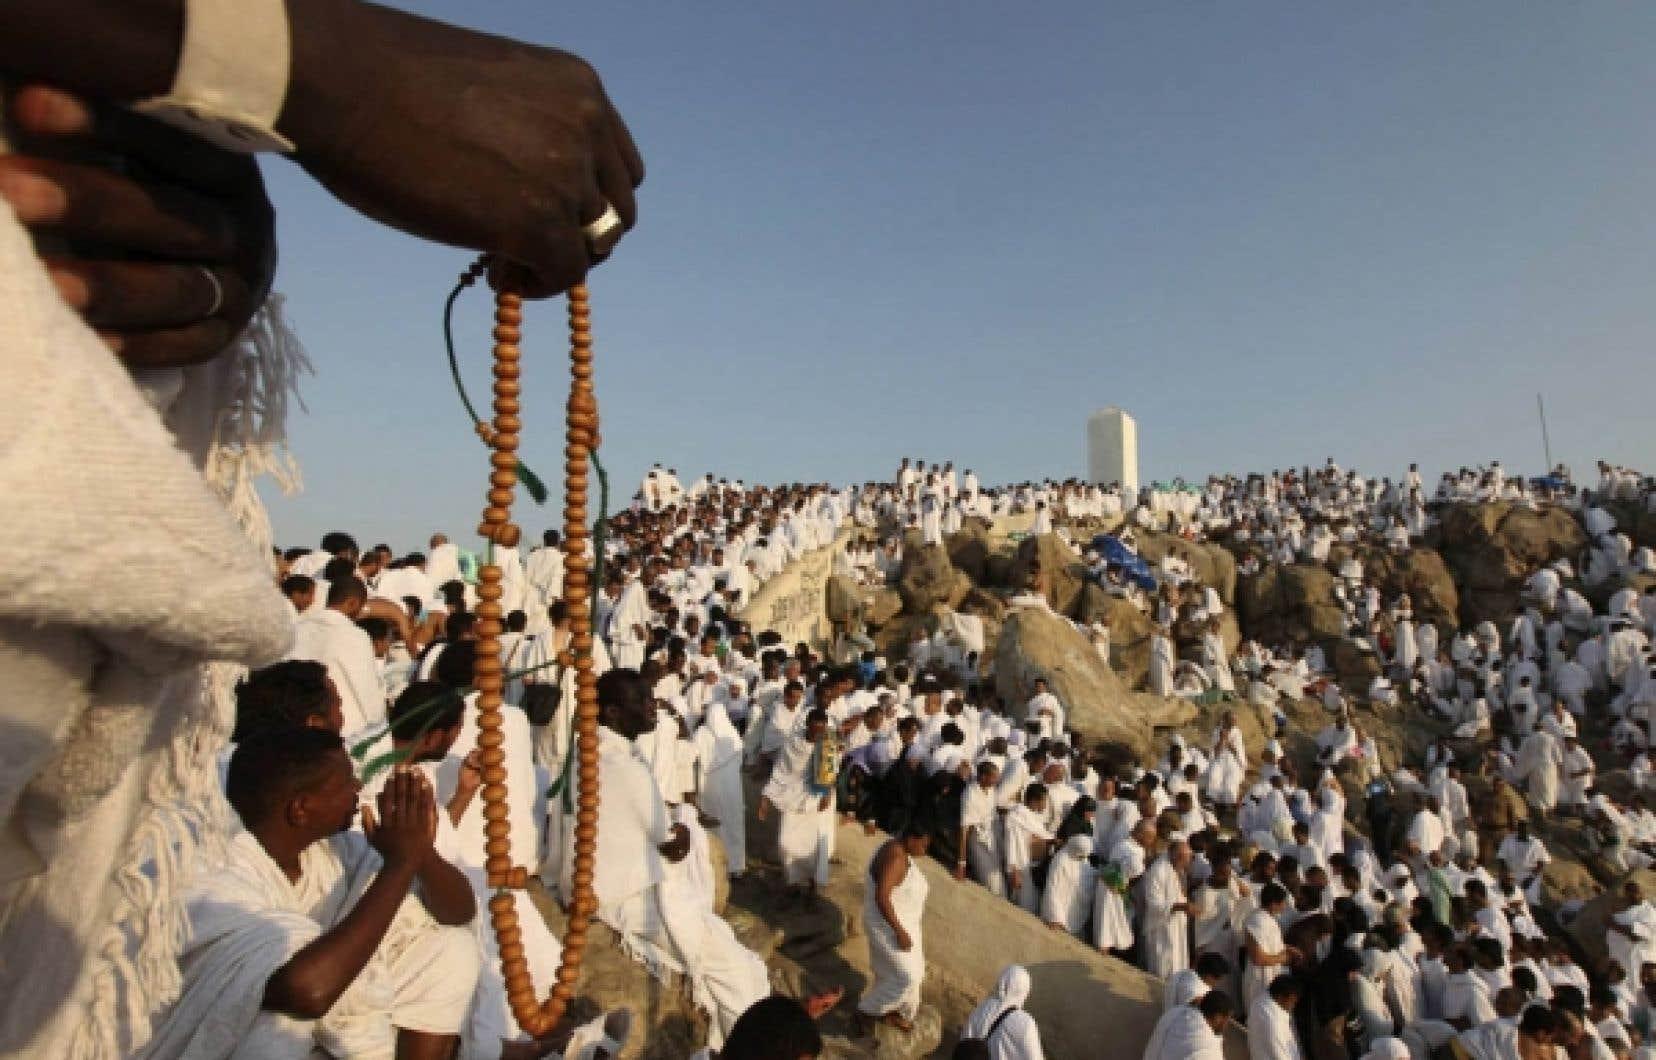 Plus de deux millions de musulmans se sont rassemblés dans la ferveur hier sur le mont Arafat, moment fort du pèlerinage annuel de La Mecque<br /> <br />